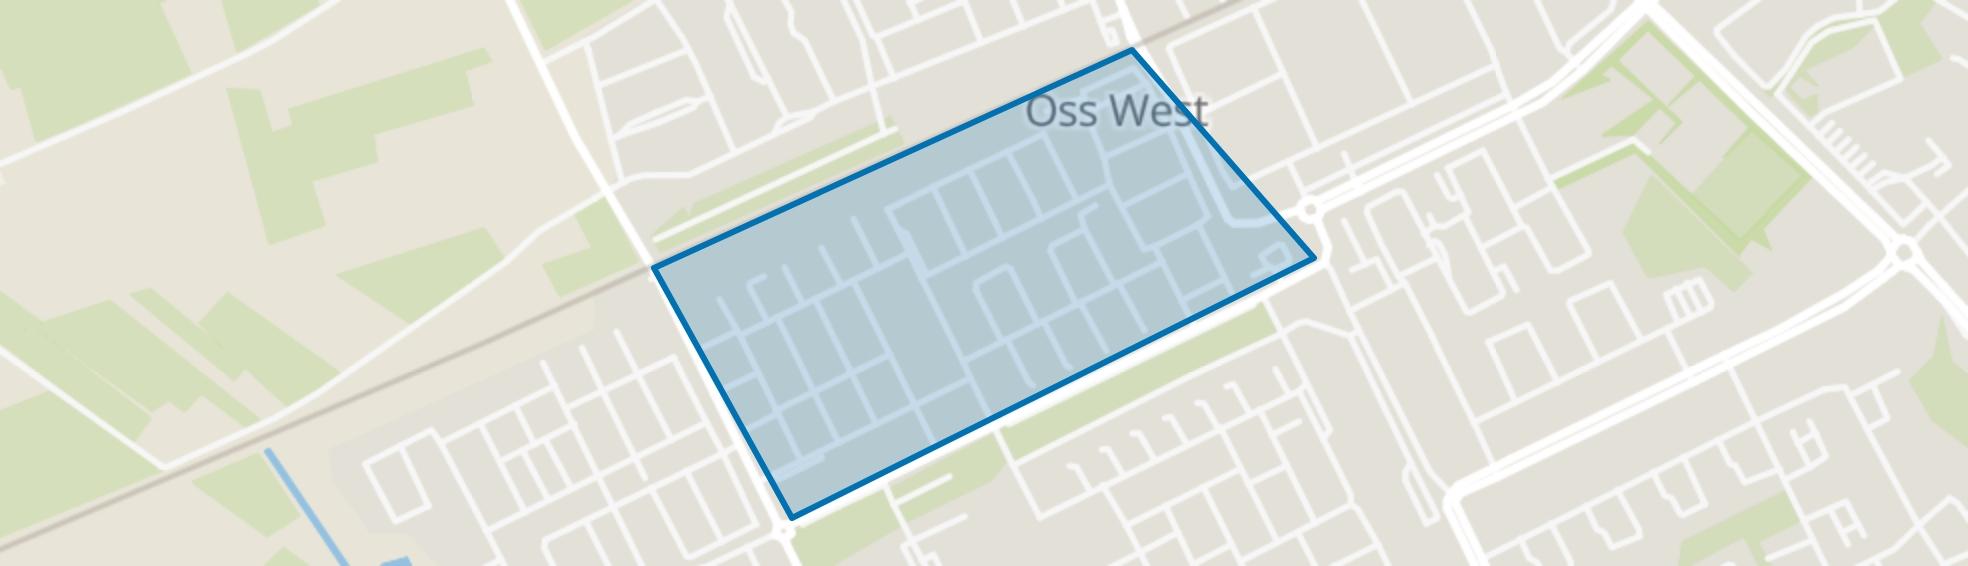 Staatsliedenbuurt, Oss map